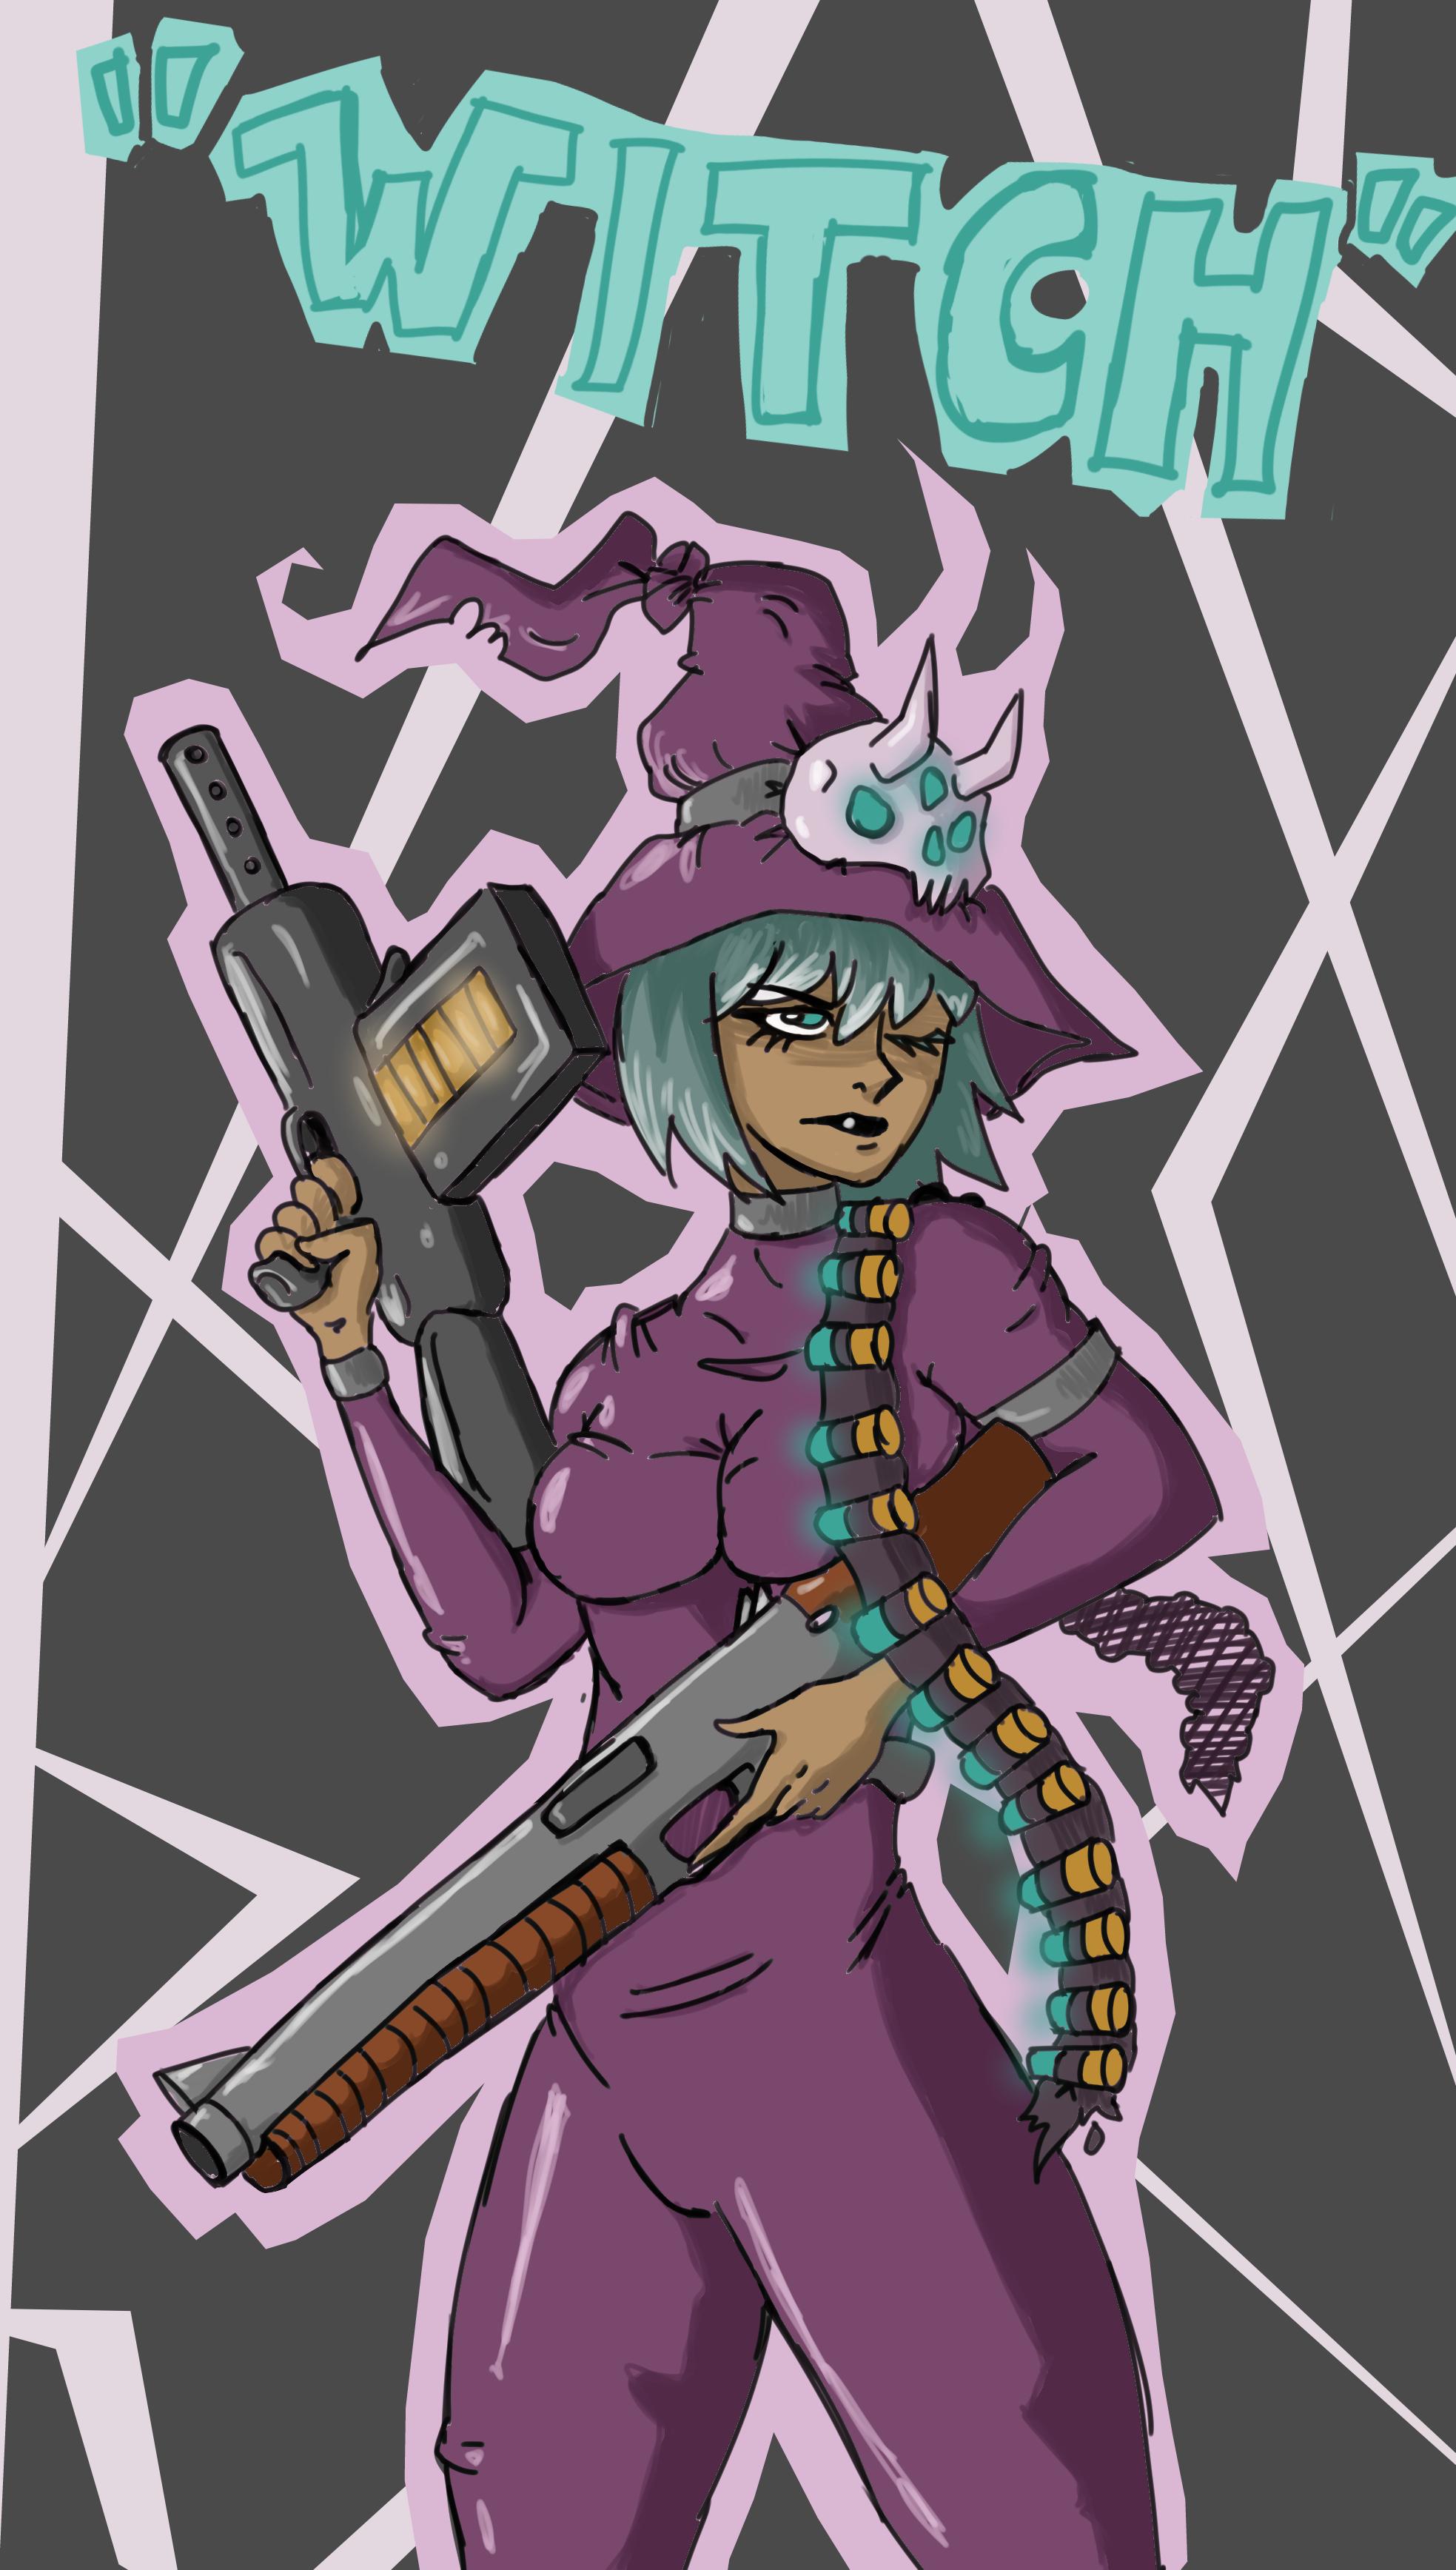 Witch ... kinda